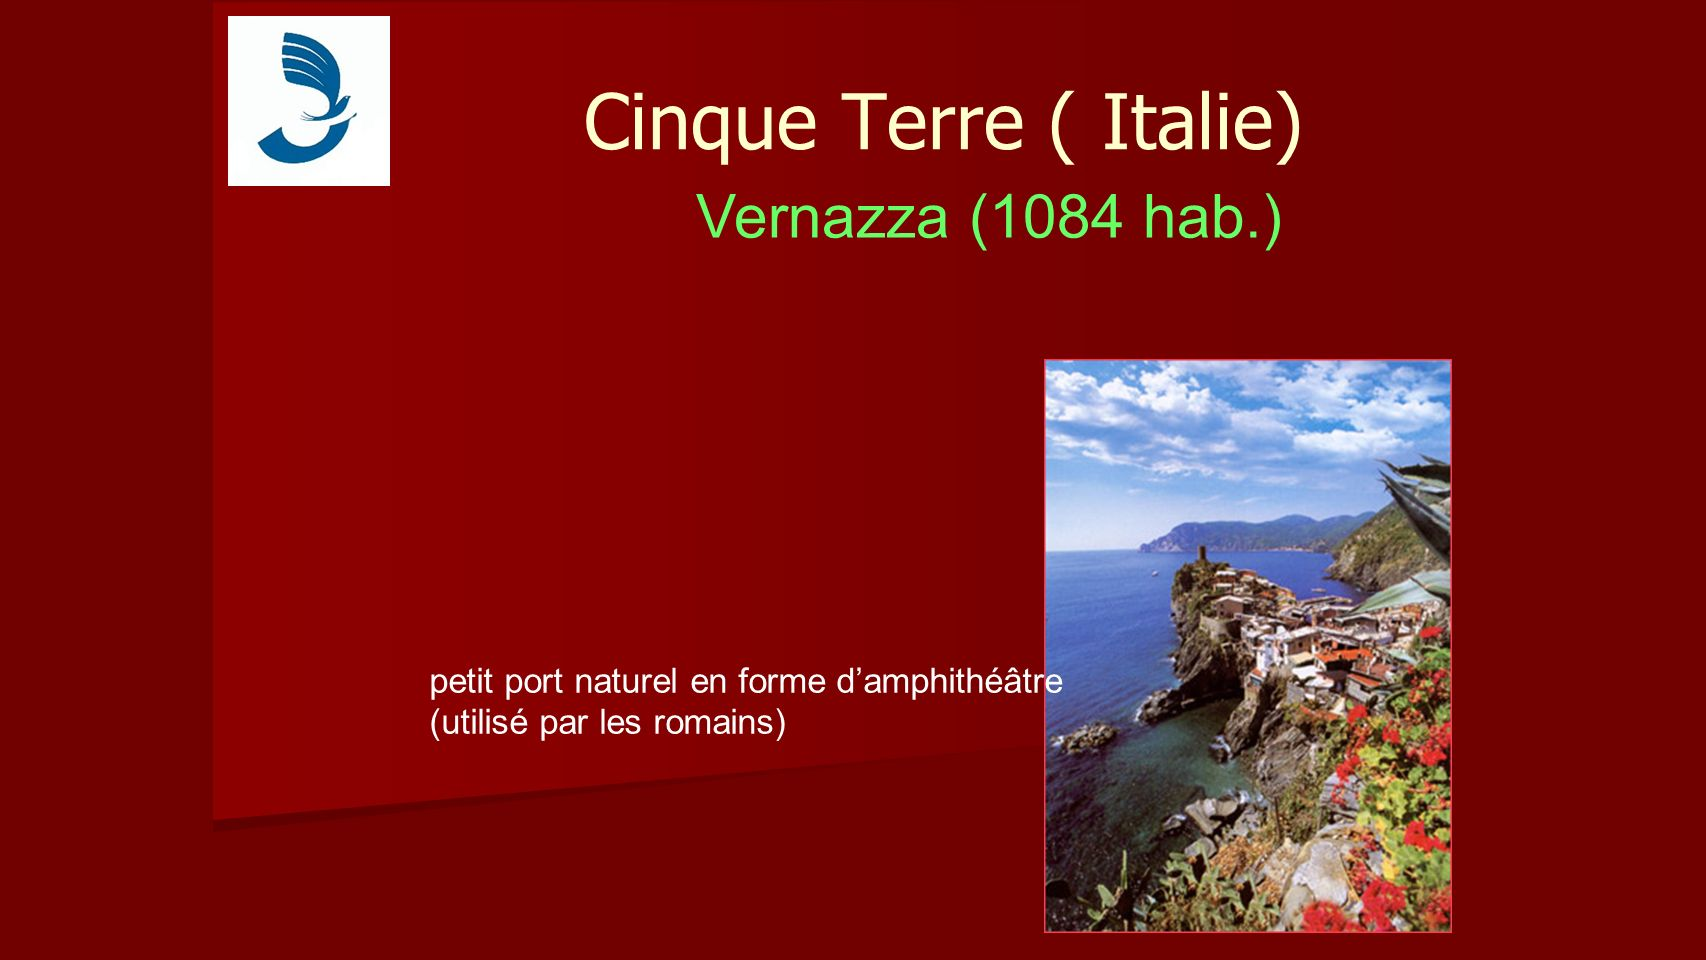 Cinque Terre ( Italie) Vernazza (1084 hab.) petit port naturel en forme damphithéâtre (utilisé par les romains)